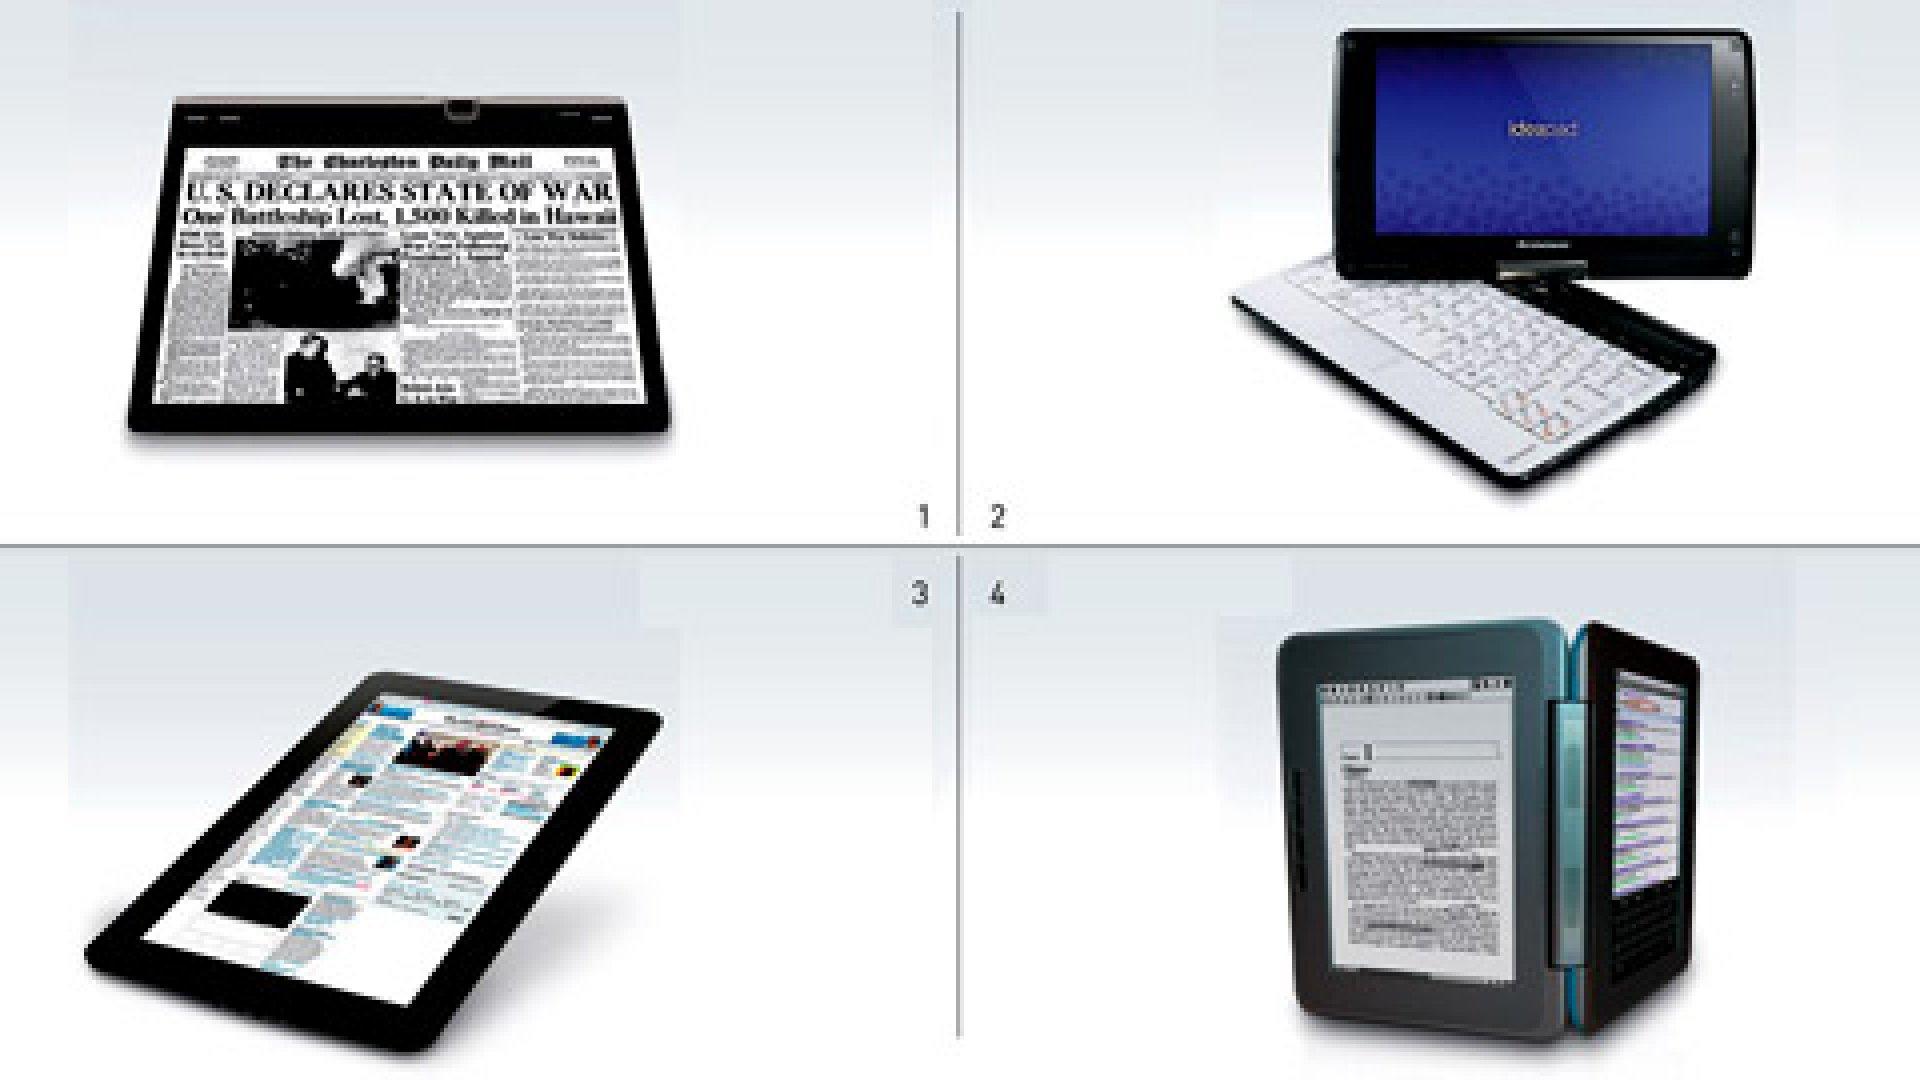 Meet the iPad's Rivals